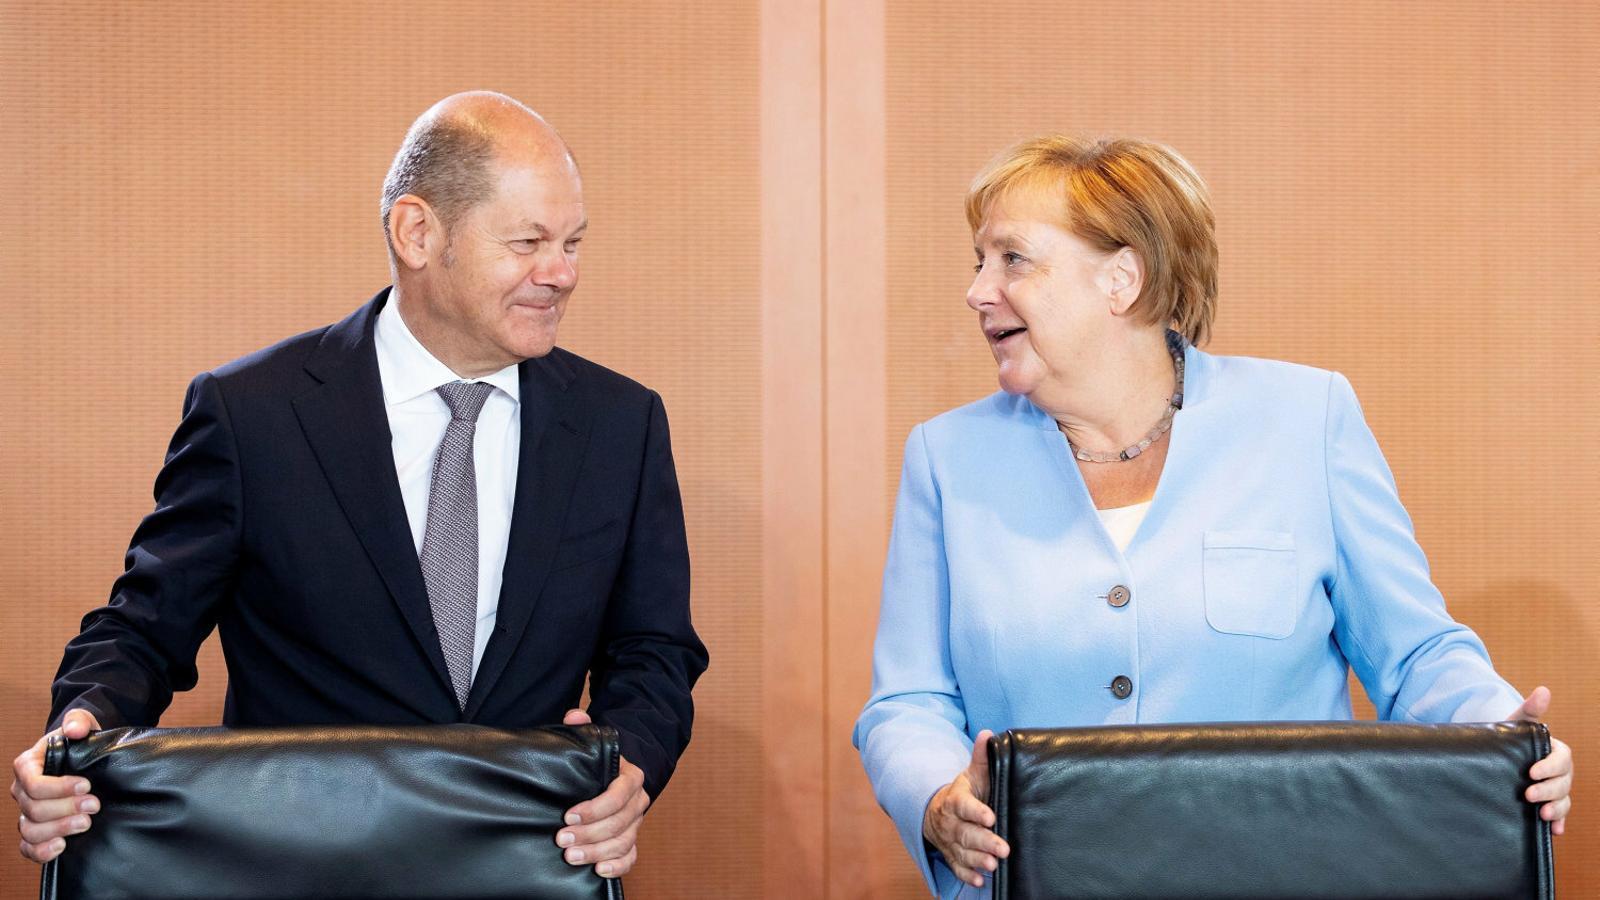 El ministre de Finances alemany, Olaf Scholz, amb la cancellera, Angela Merkel, en una imatge d'arxiu.